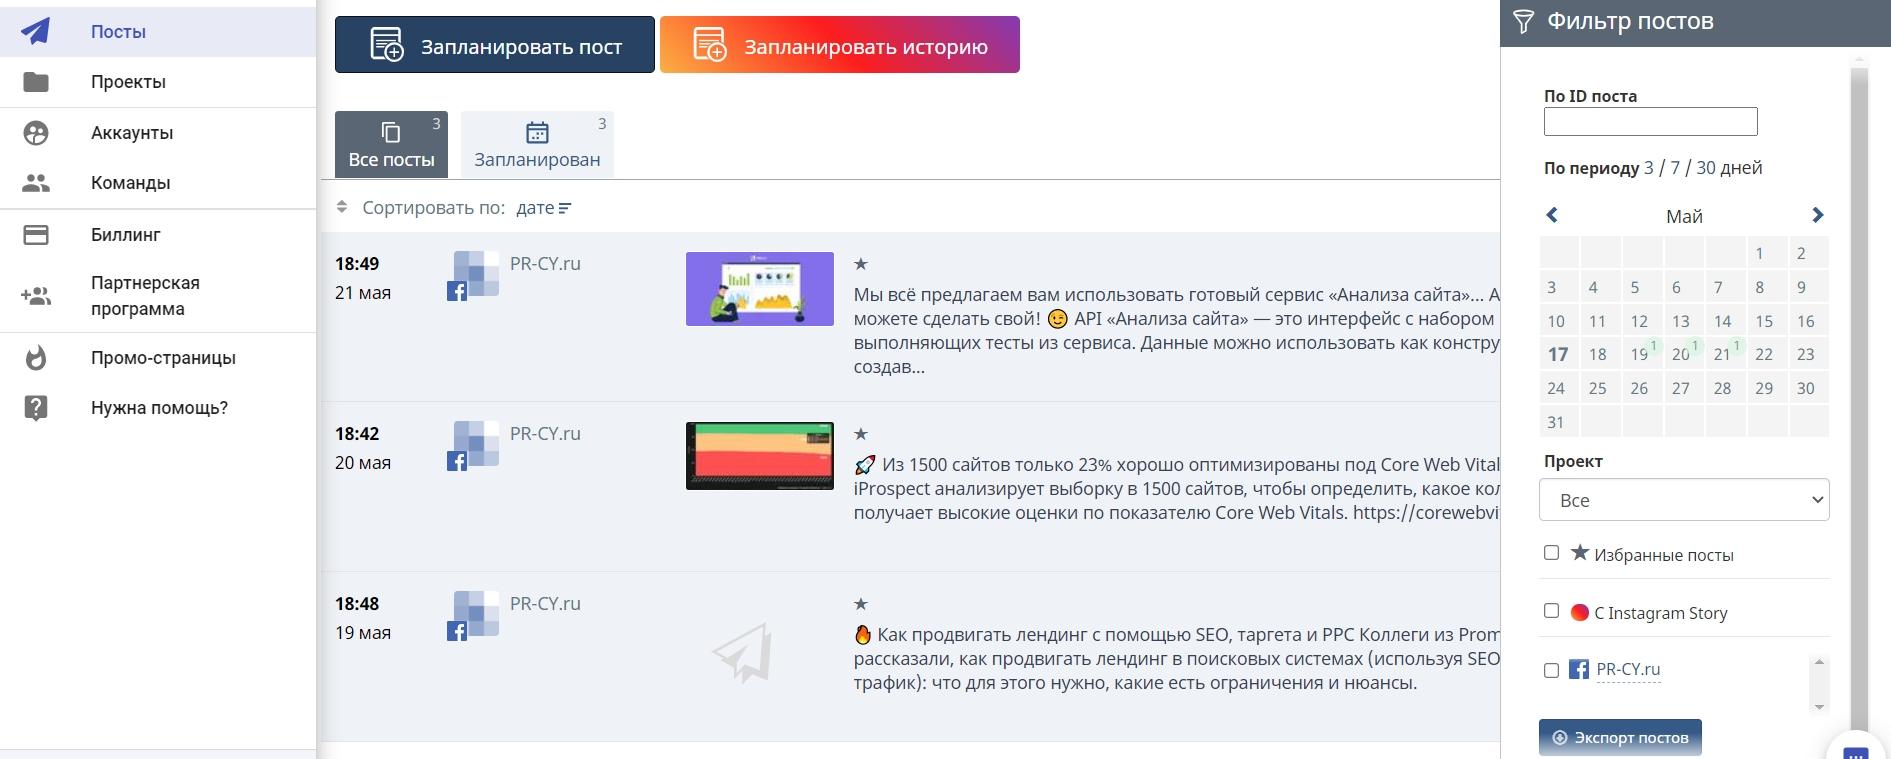 Интерфейс сервиса для планирования постов